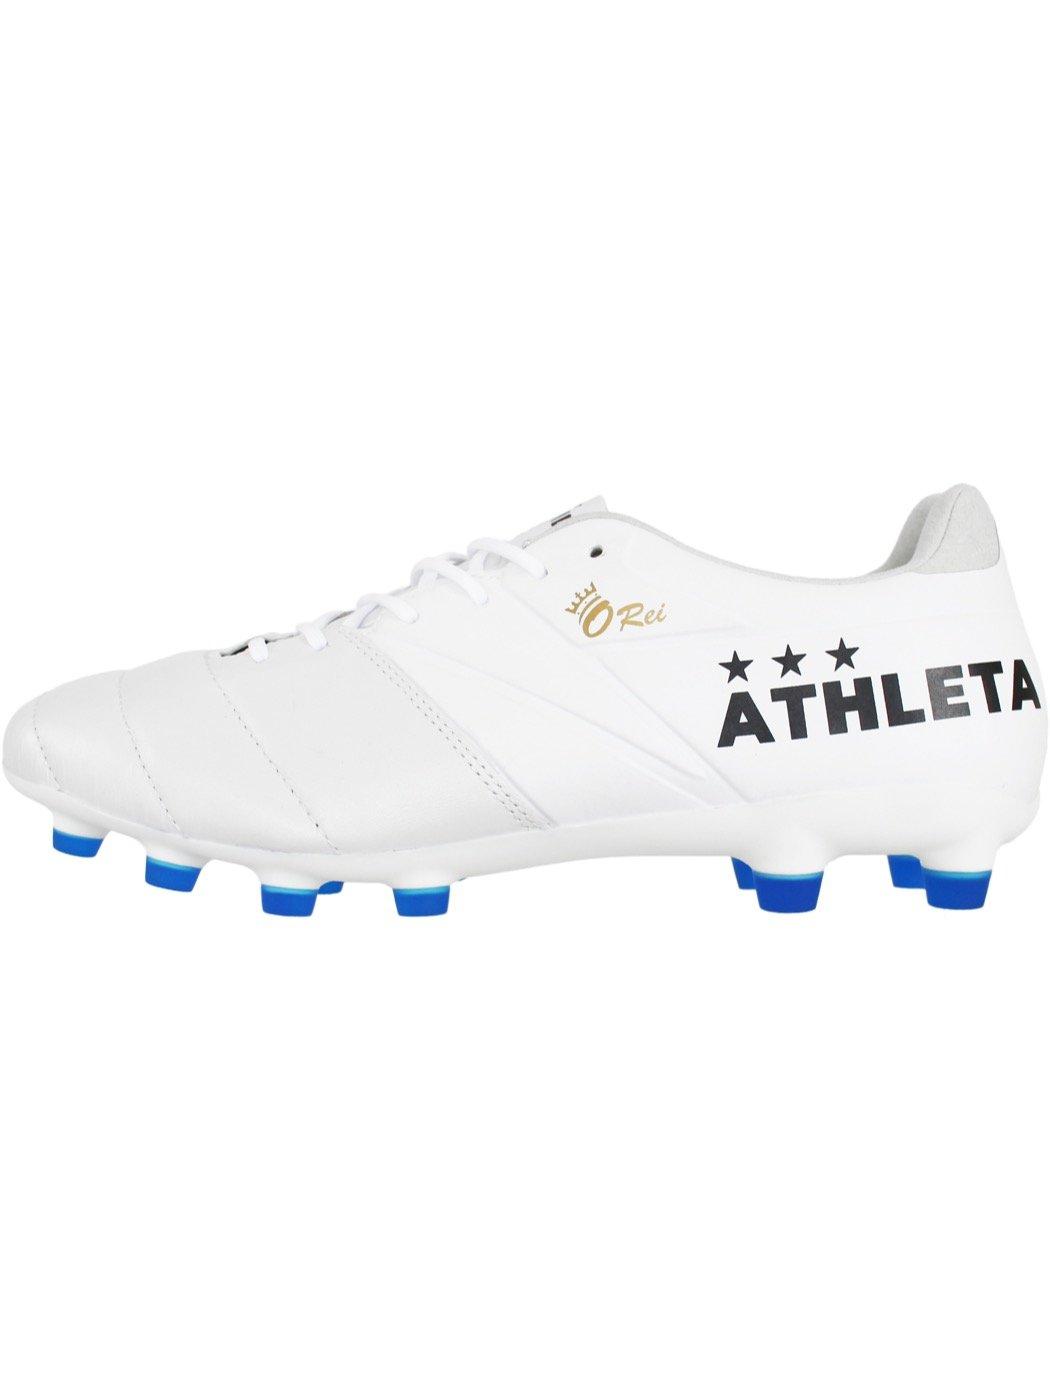 ATHLETA(アスレタ) O-Rei Futebol T003 10005-PWBL B07BGTLCNJ 27.0 cm|パールホワイト/ブルー パールホワイト/ブルー 27.0 cm